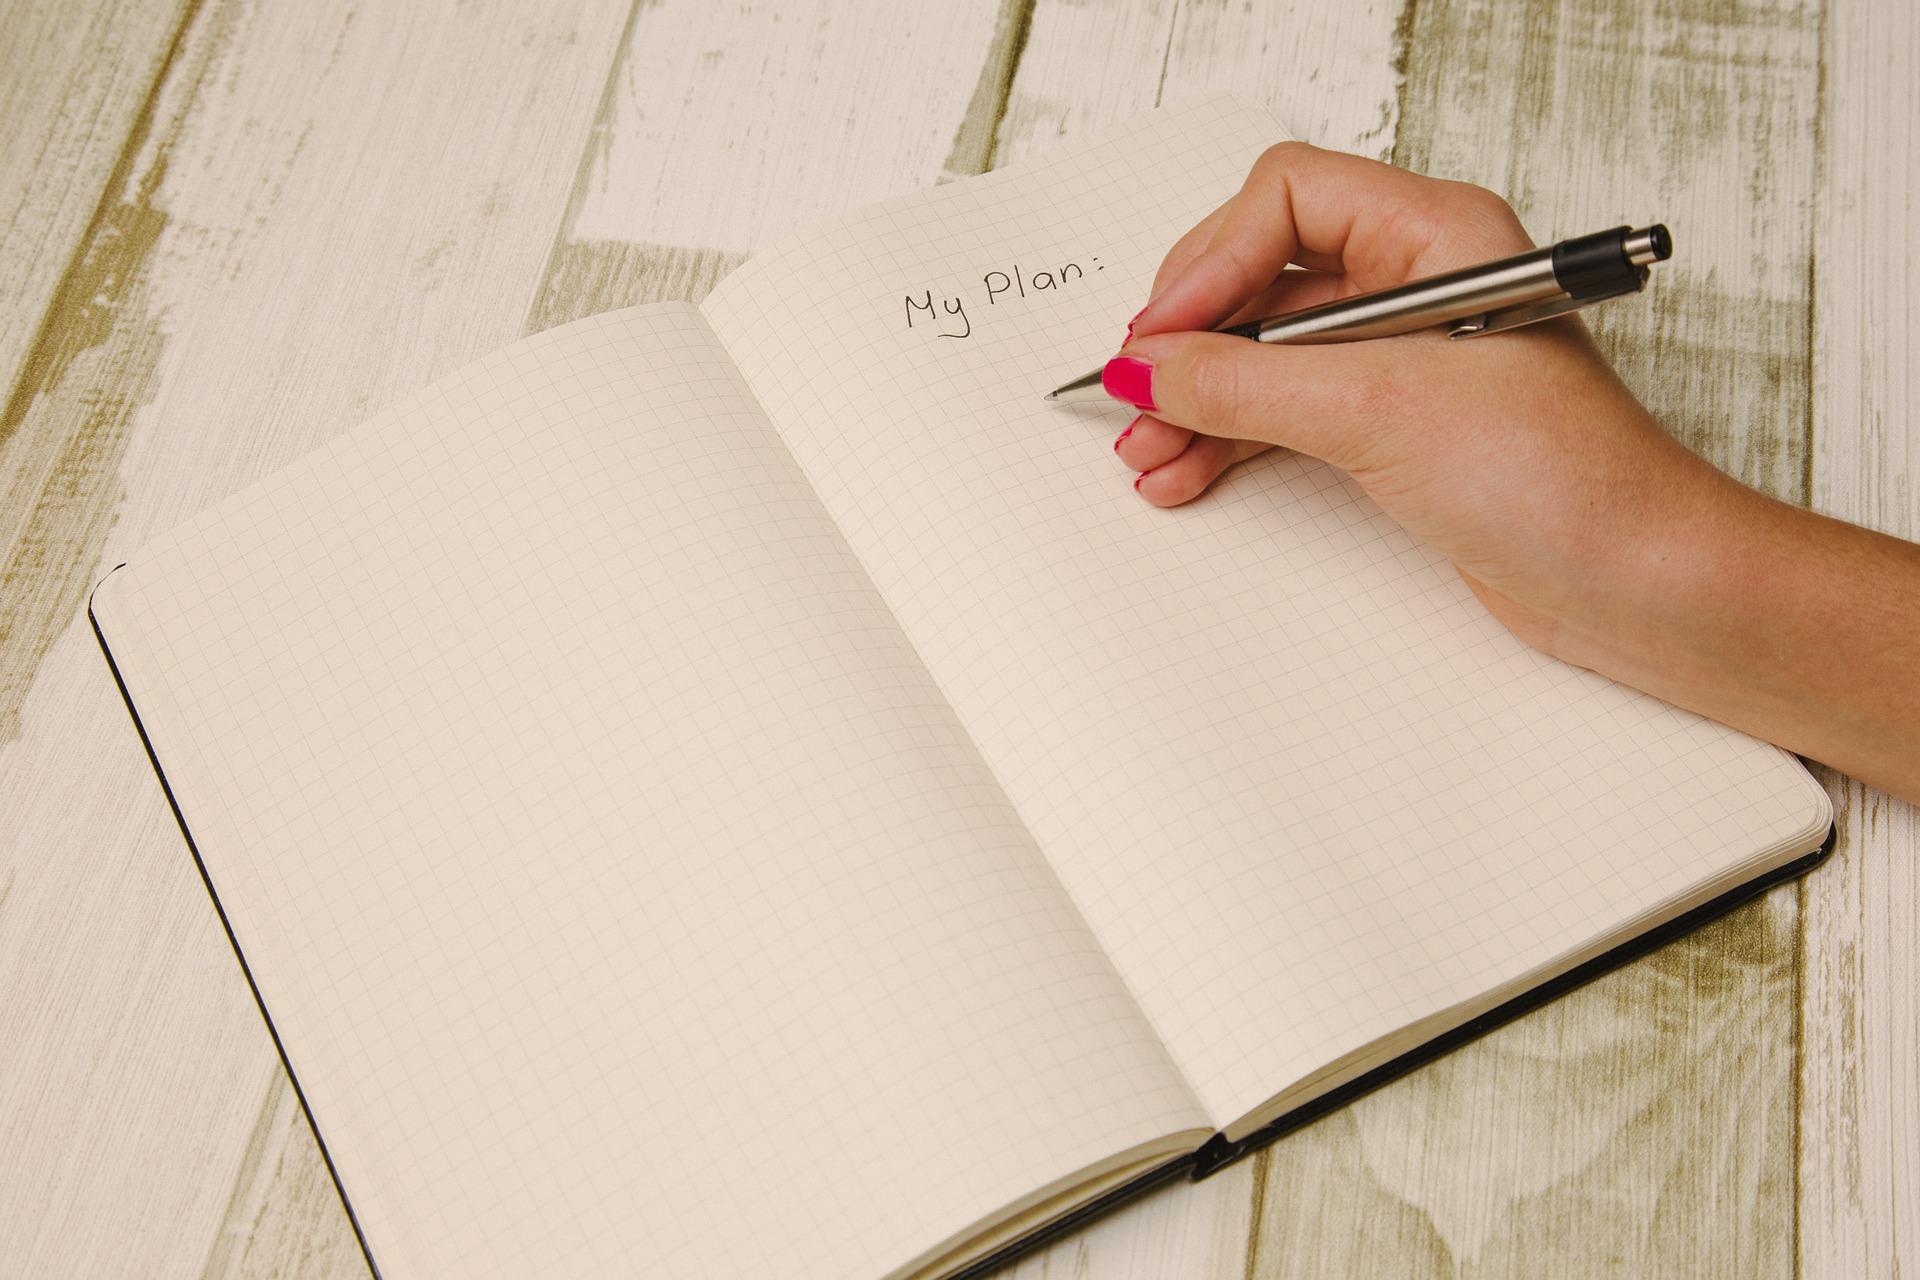 livro de planejamento